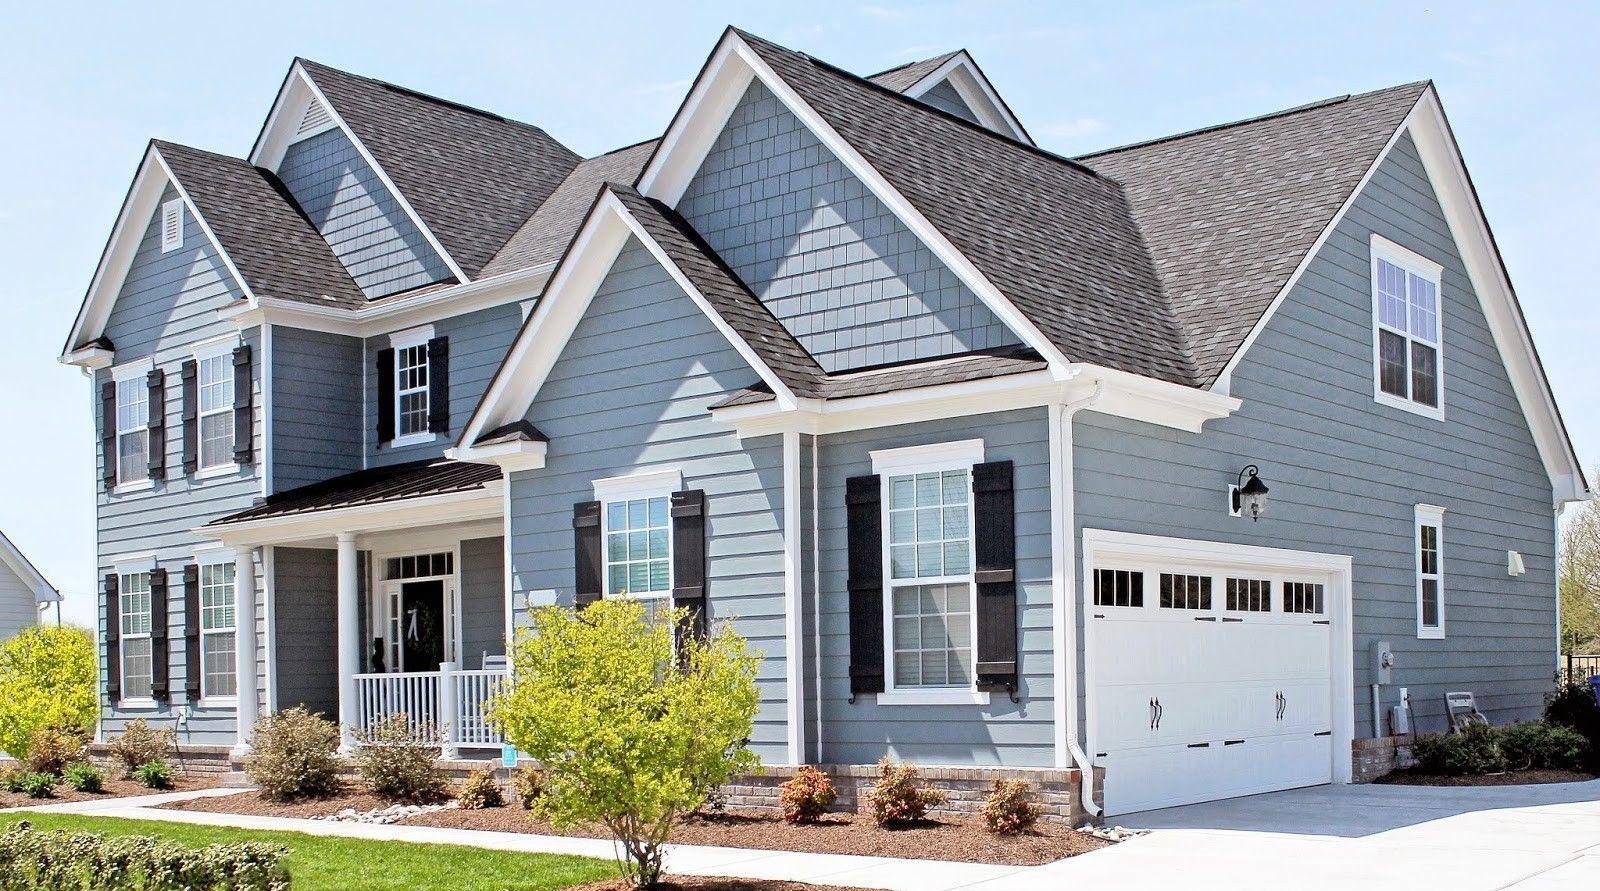 Best Exterior Palette Image By Joyce Mcdonough House Exterior 400 x 300